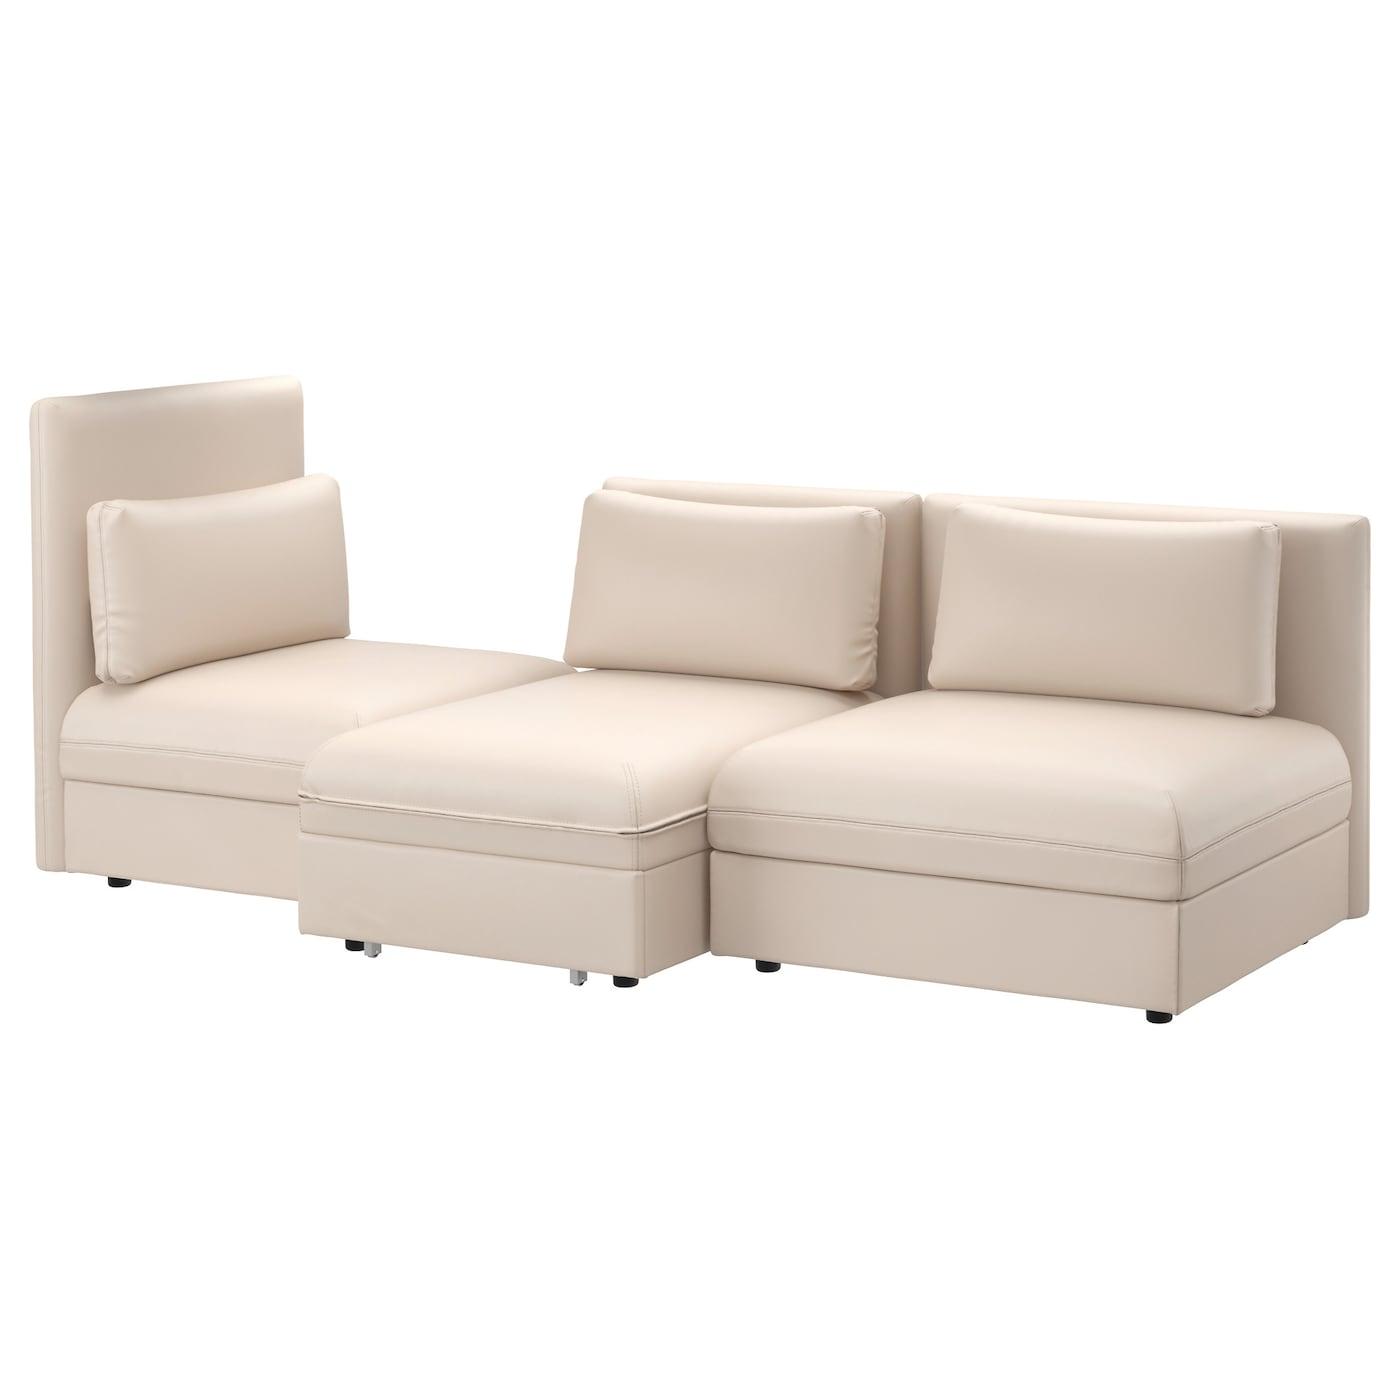 vallentuna 3 seat sofa with bed murum beige ikea. Black Bedroom Furniture Sets. Home Design Ideas